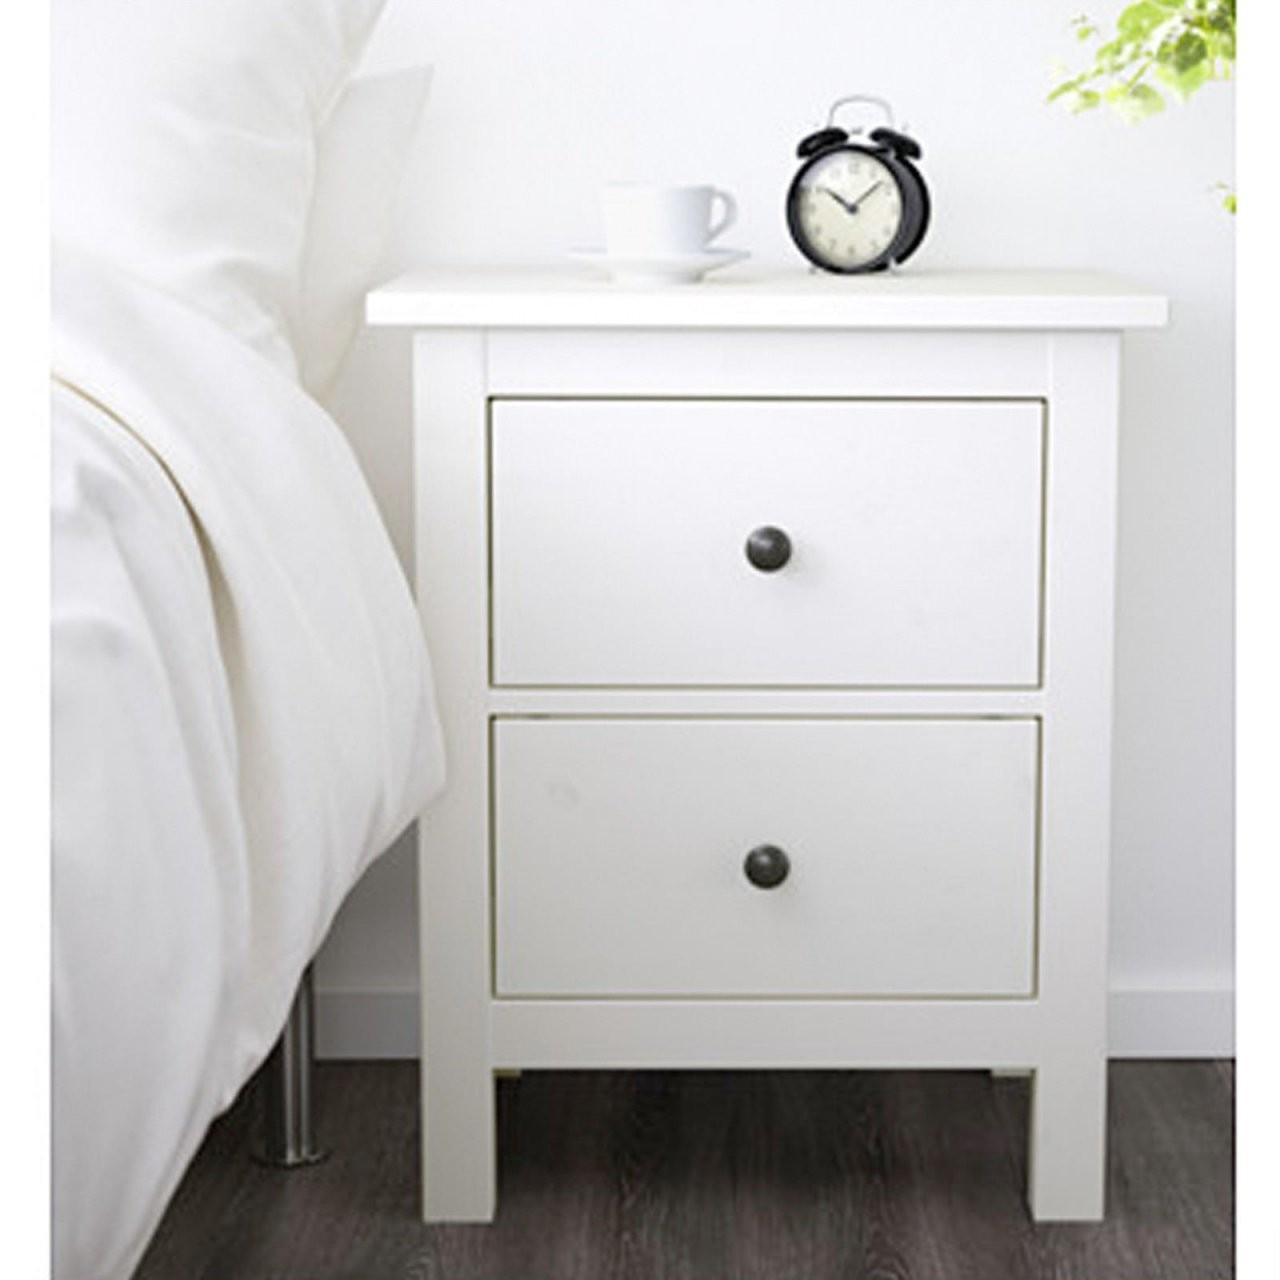 Nachttisch Schrank Ikea Hemnes Kommode Mit 2 Schubladen Weiß von Nachttisch Weiß Hochglanz Ikea Bild